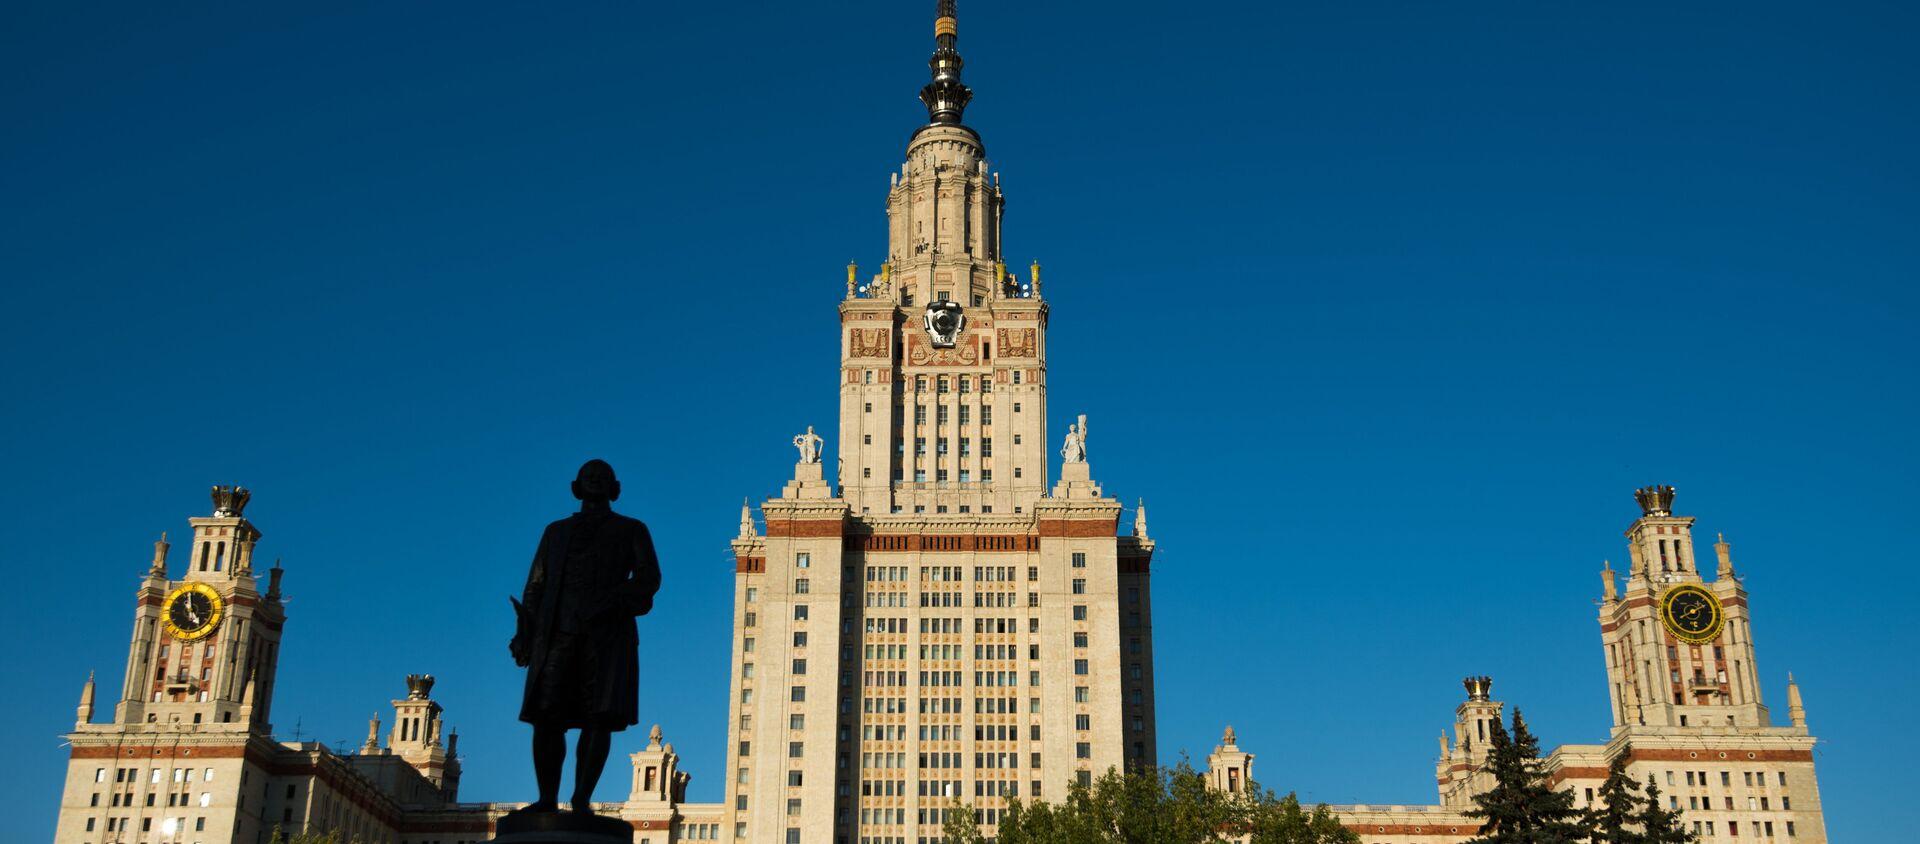 მოსკოვის სახელმწიფო უნივერსიტეტი - Sputnik საქართველო, 1920, 25.01.2021